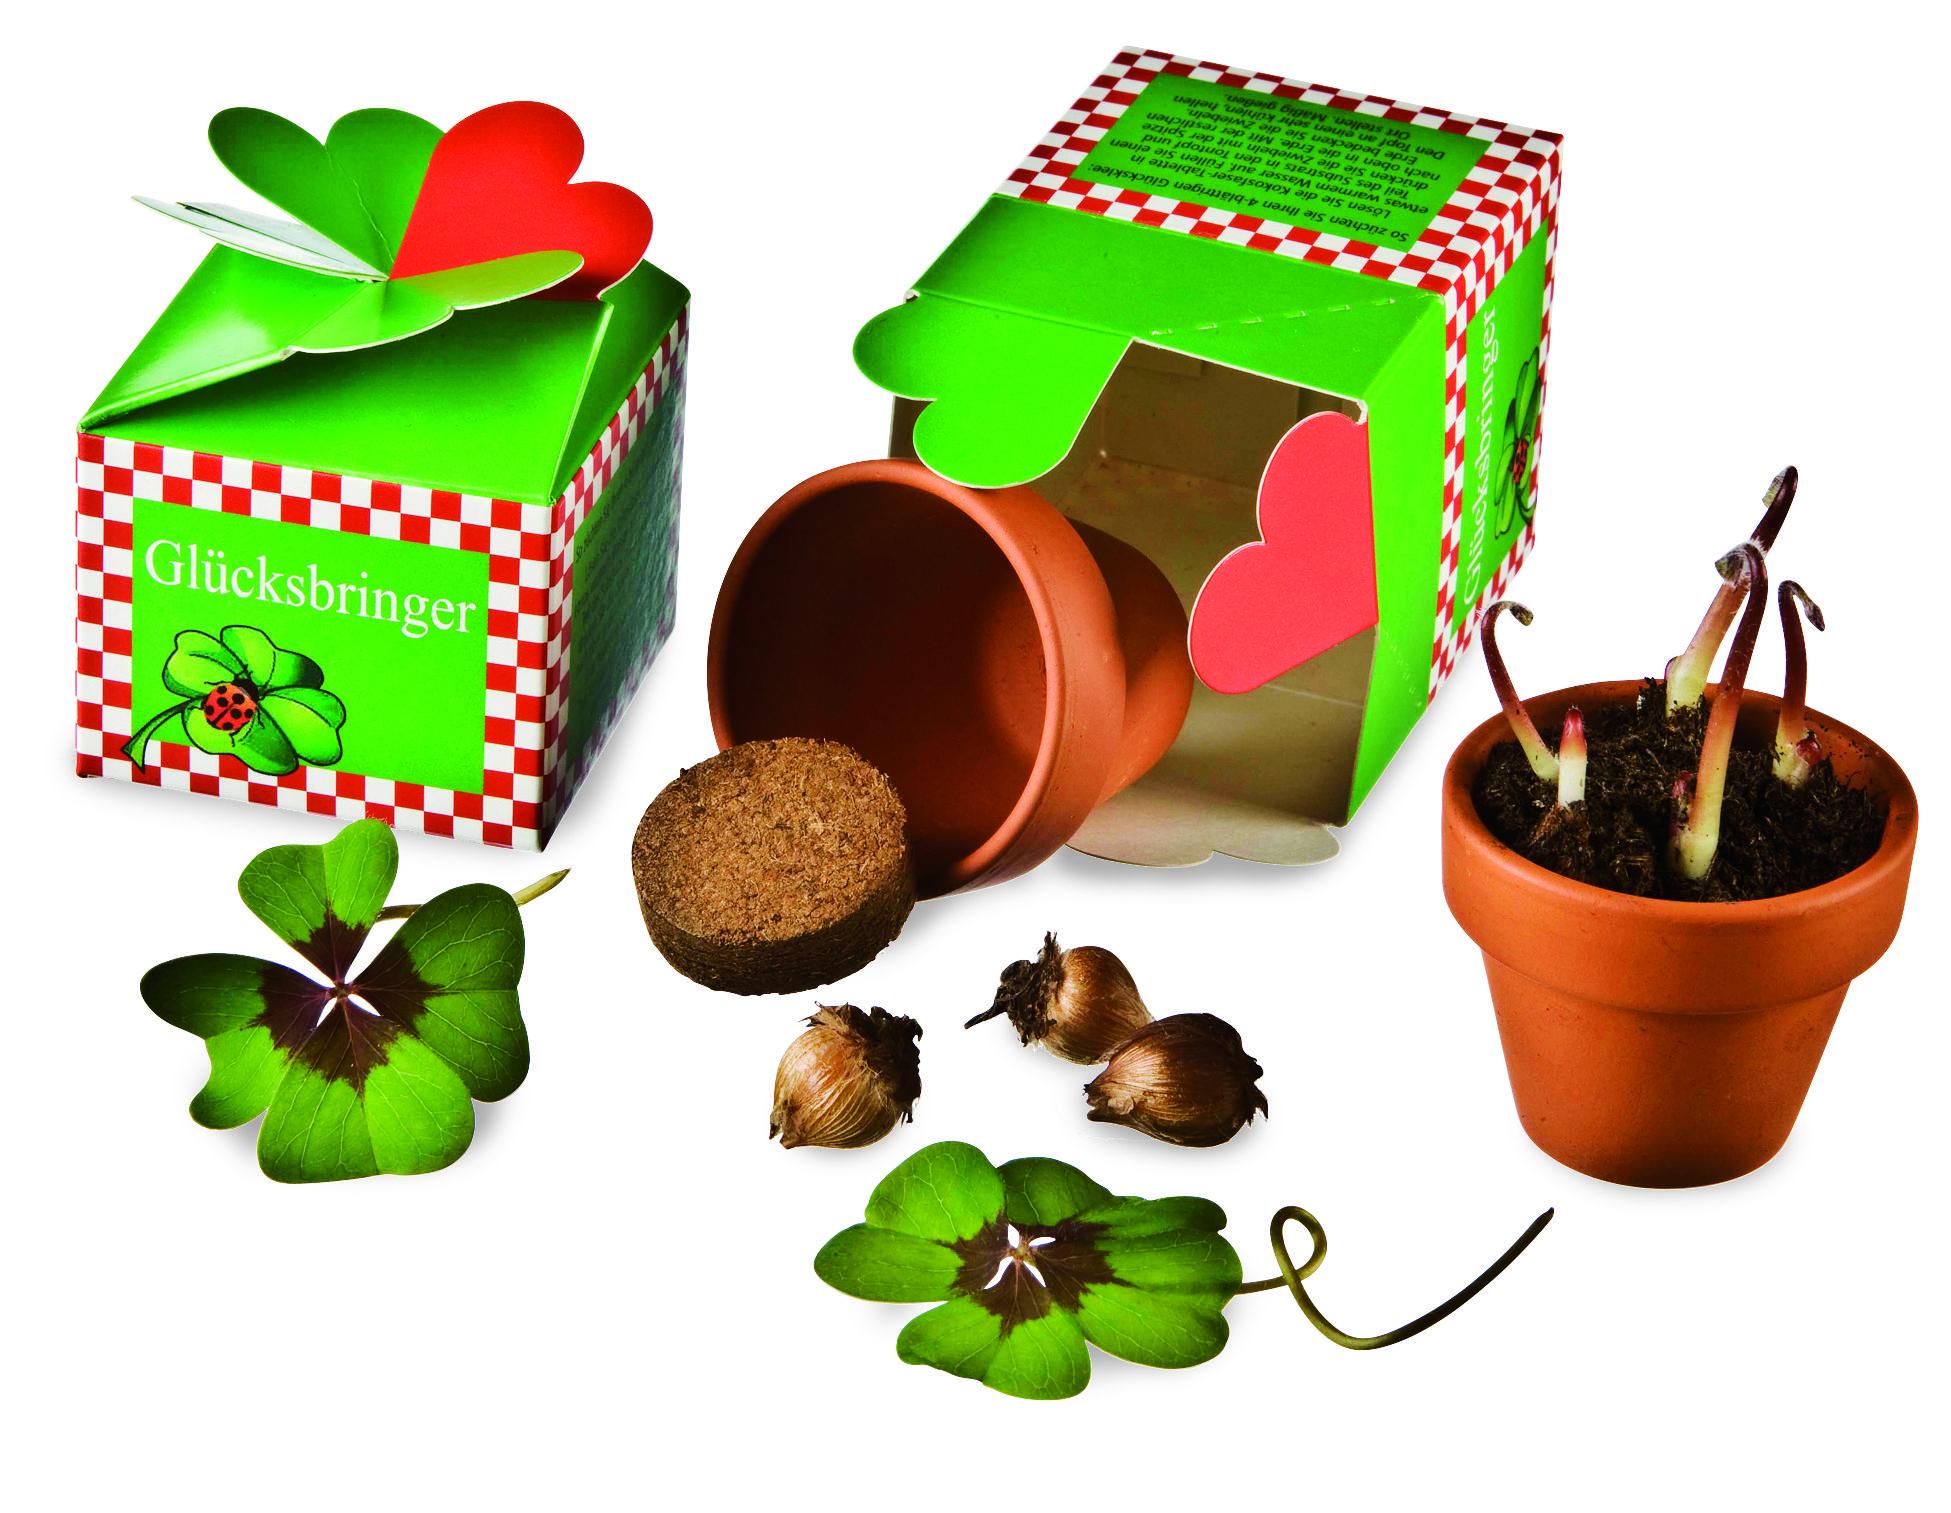 Glück aus der Schachtel Die immergrüne Schwarzerle ist als unverwüstlich und robust bekannt. Ihr Holz ist sehr wasserbeständig und färbt sich beim Abholzen rot. Jetzt können Hobbygärtner ihre eigene Schwarzerle ziehen und nach drei Wochen in den Garten pflanzen: mittels Aussaat-Set, bestehend aus einem Anzuchttopf, Saatgut, Dünger und zwei Substratscheiben. Tontopf: ca. 5 x 5 x 4 cm